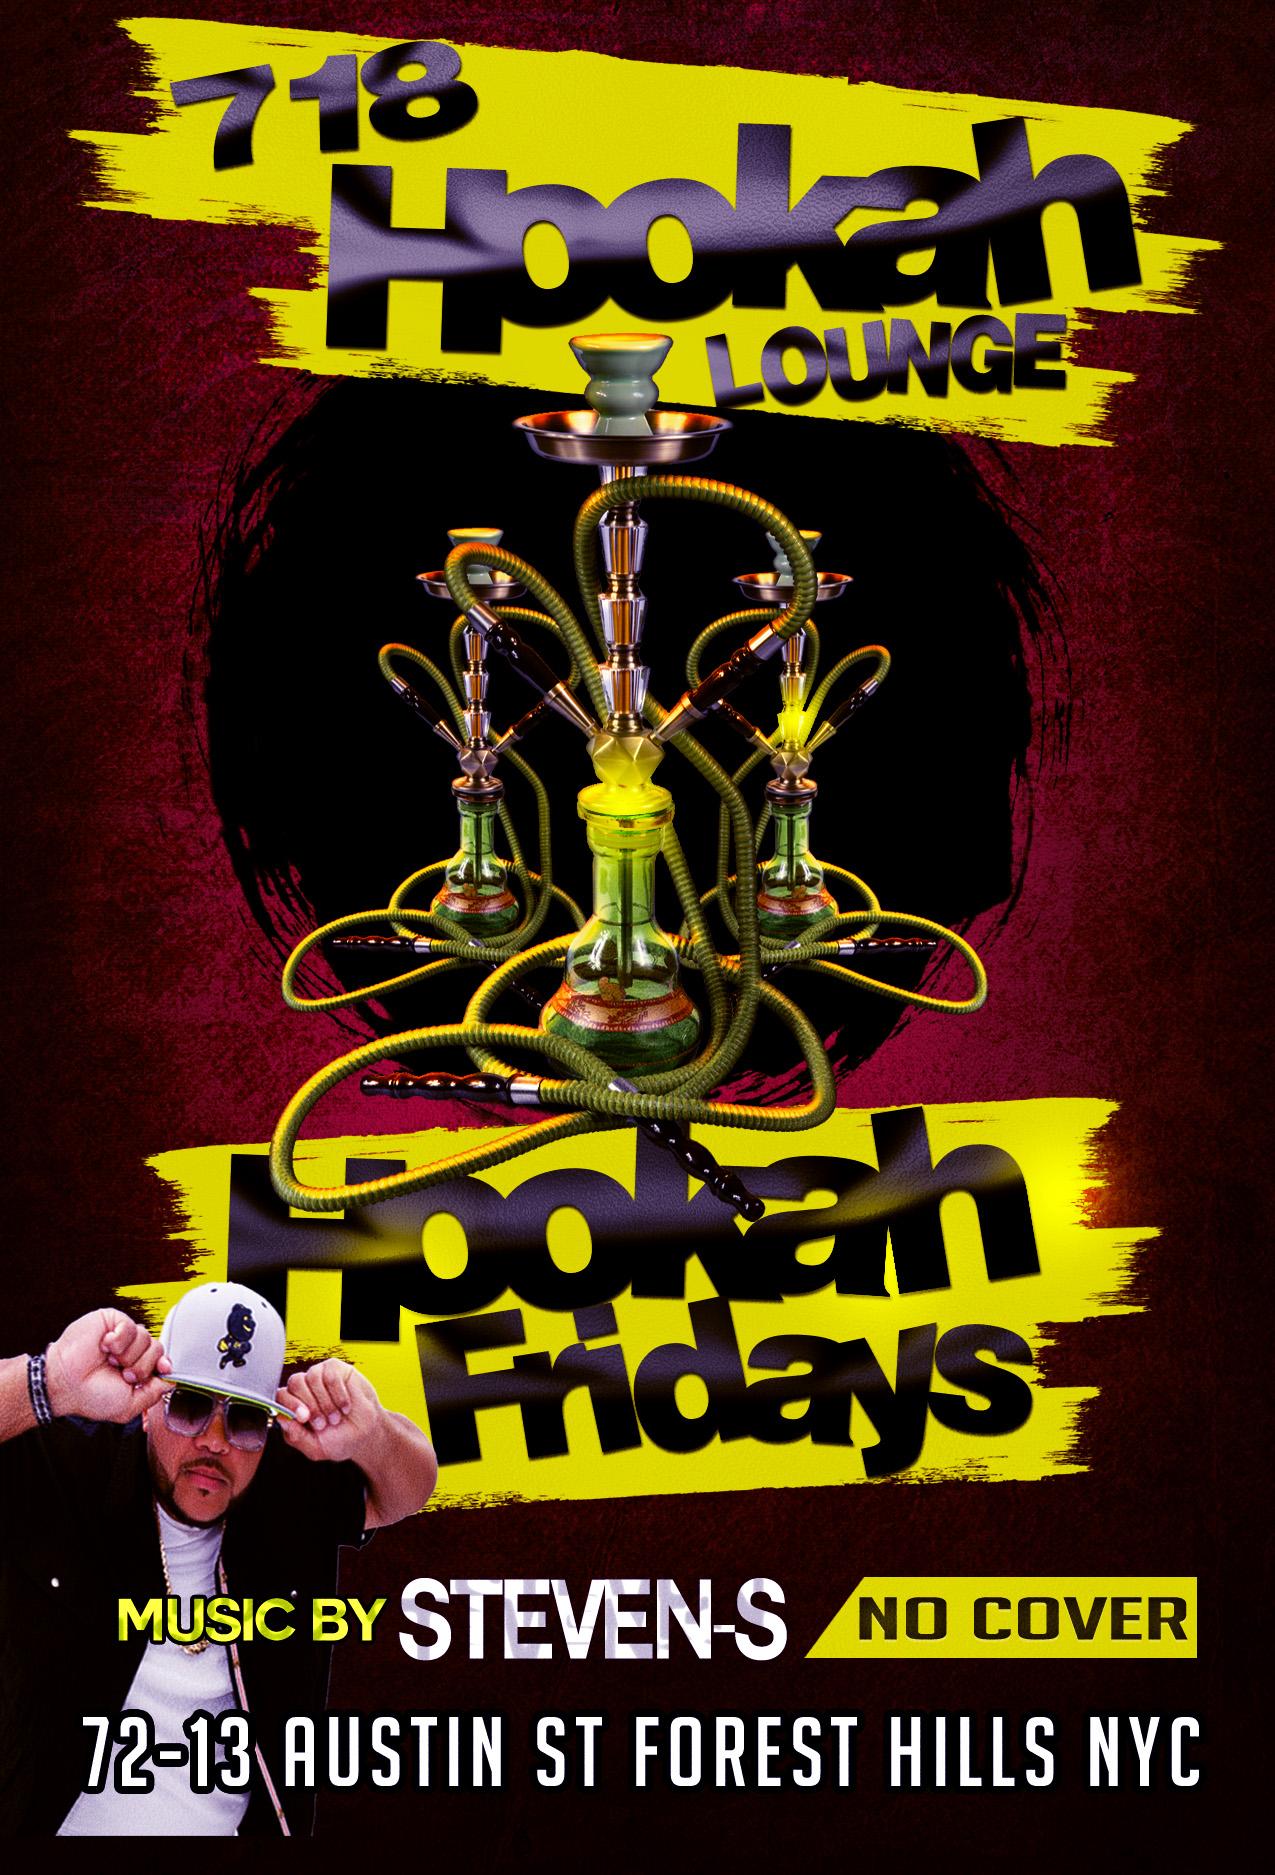 Lounge Flyer Template | Dj Steven S Hookah Fridays Flyer 718 Hookah Lounge Dj Steven S